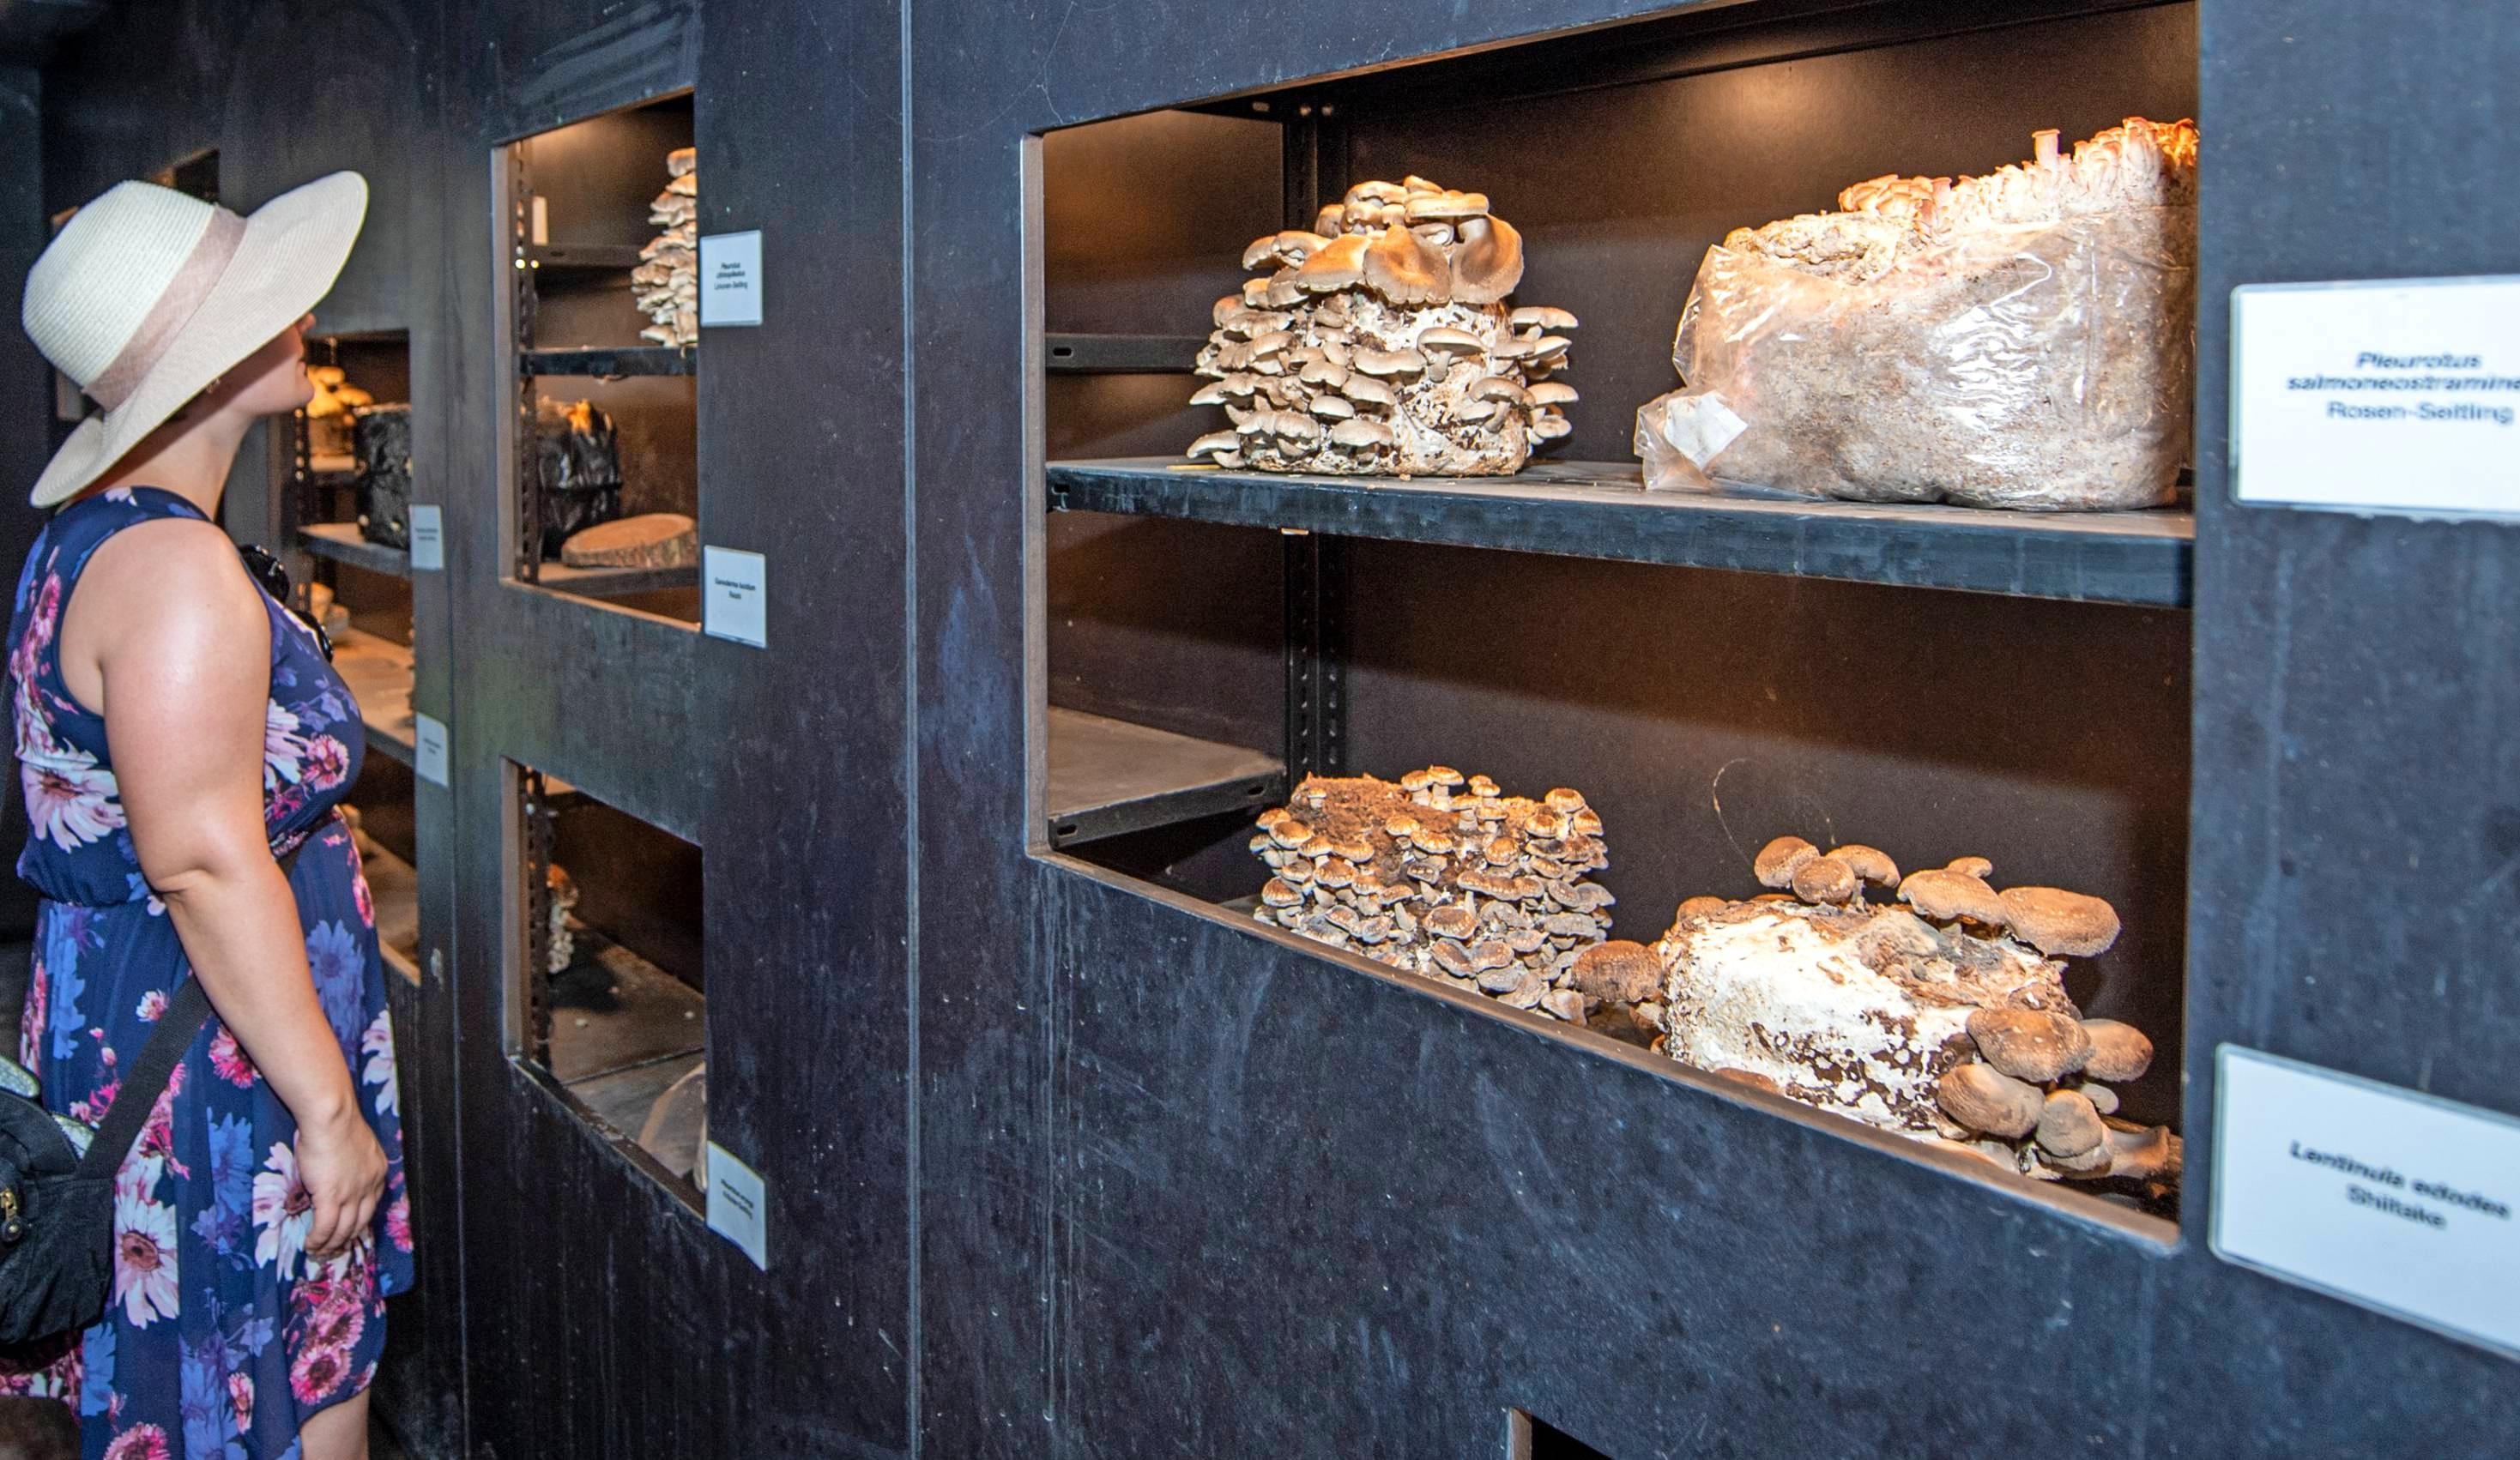 Die Welt der Pilze: Garten und Ausstellung zogen die Buga-Besucher in ihren Bann.